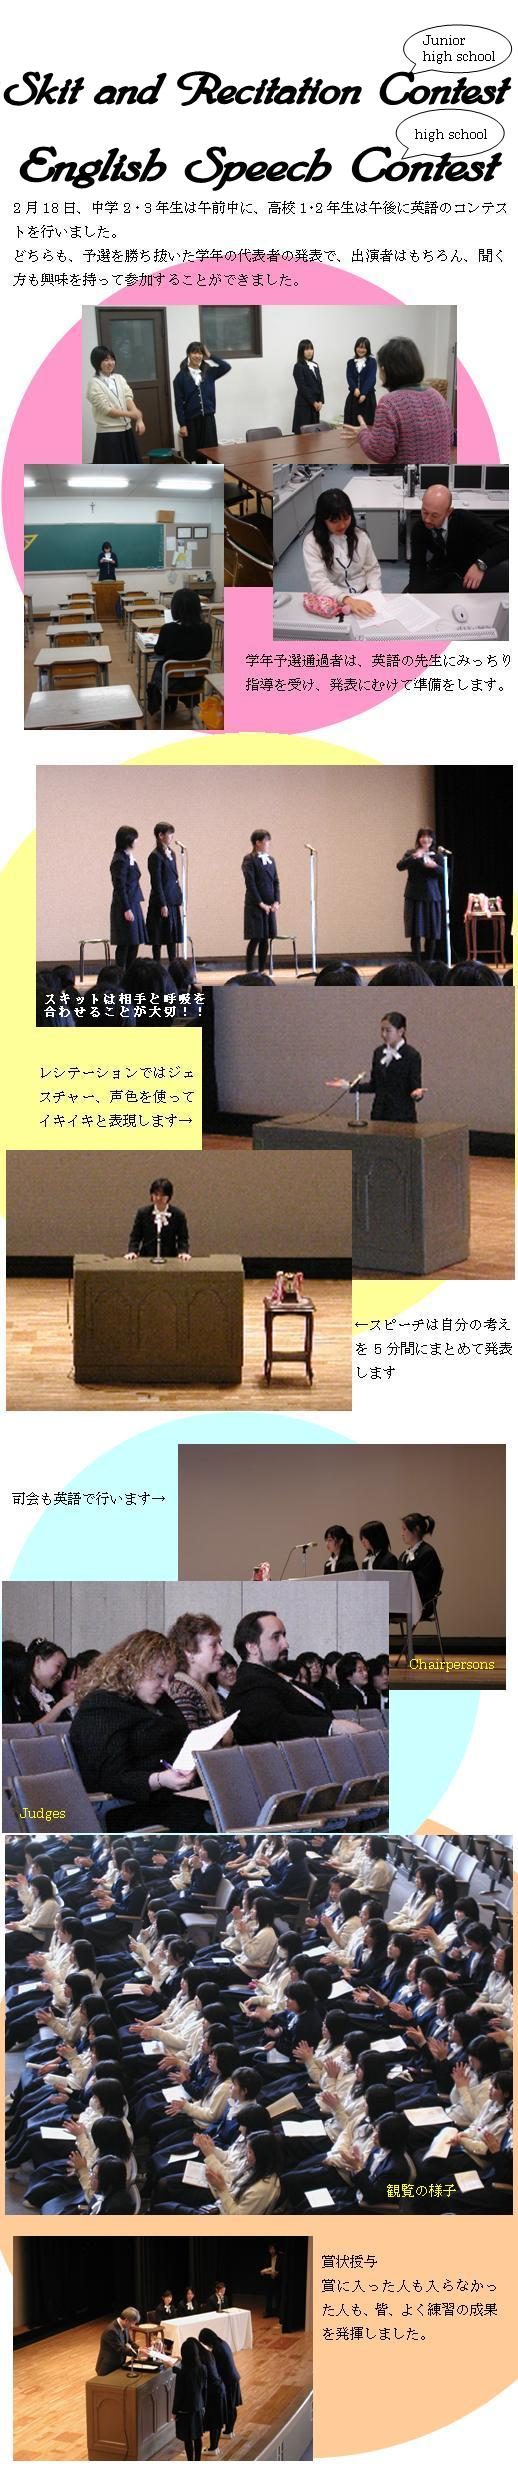 英語コンテスト.JPG